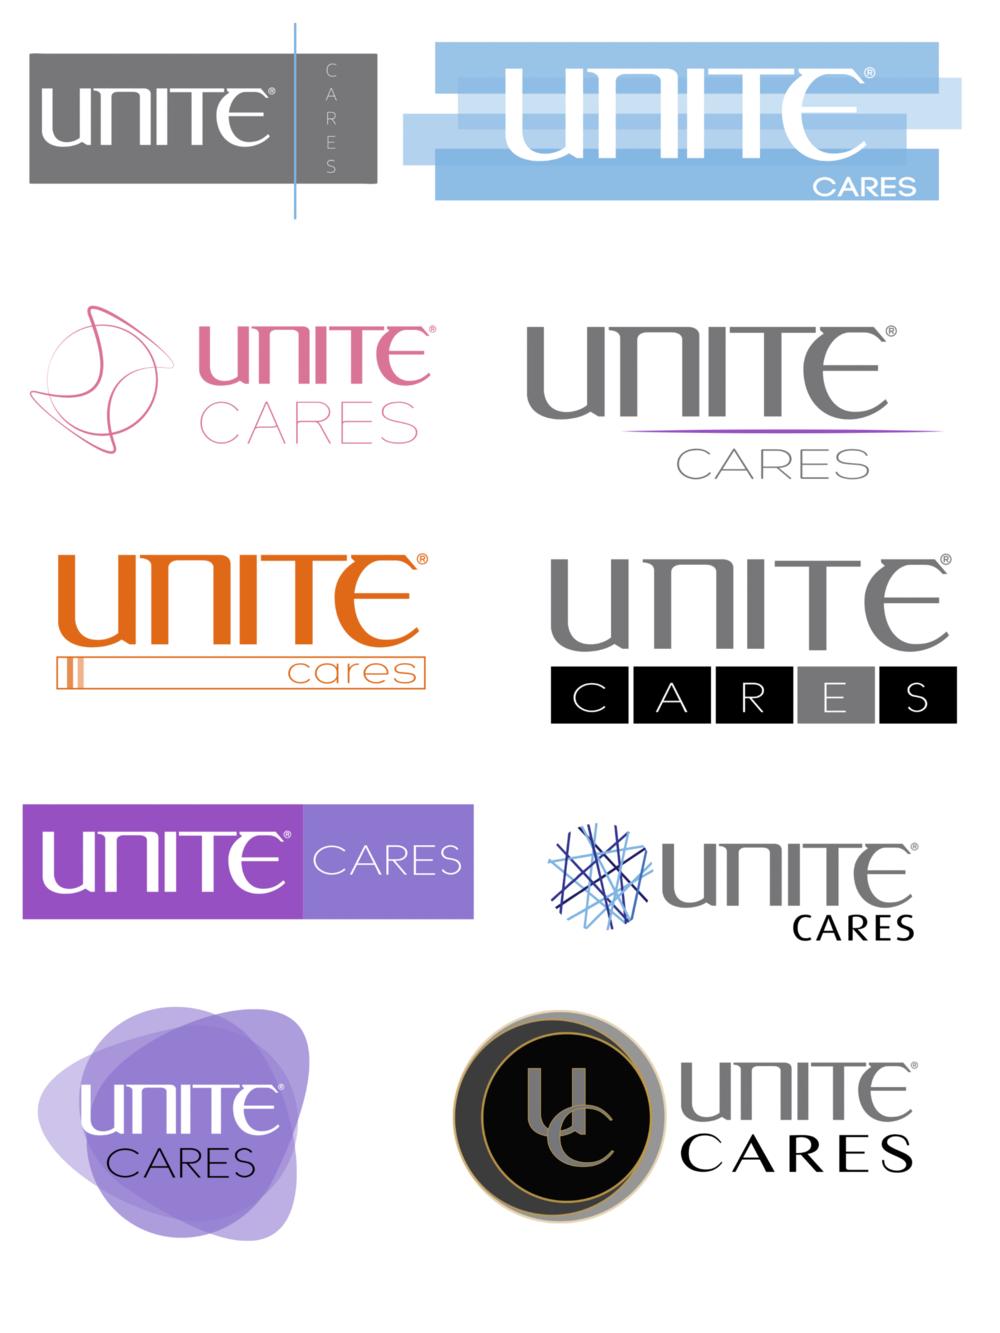 UniteLogoSamples.png